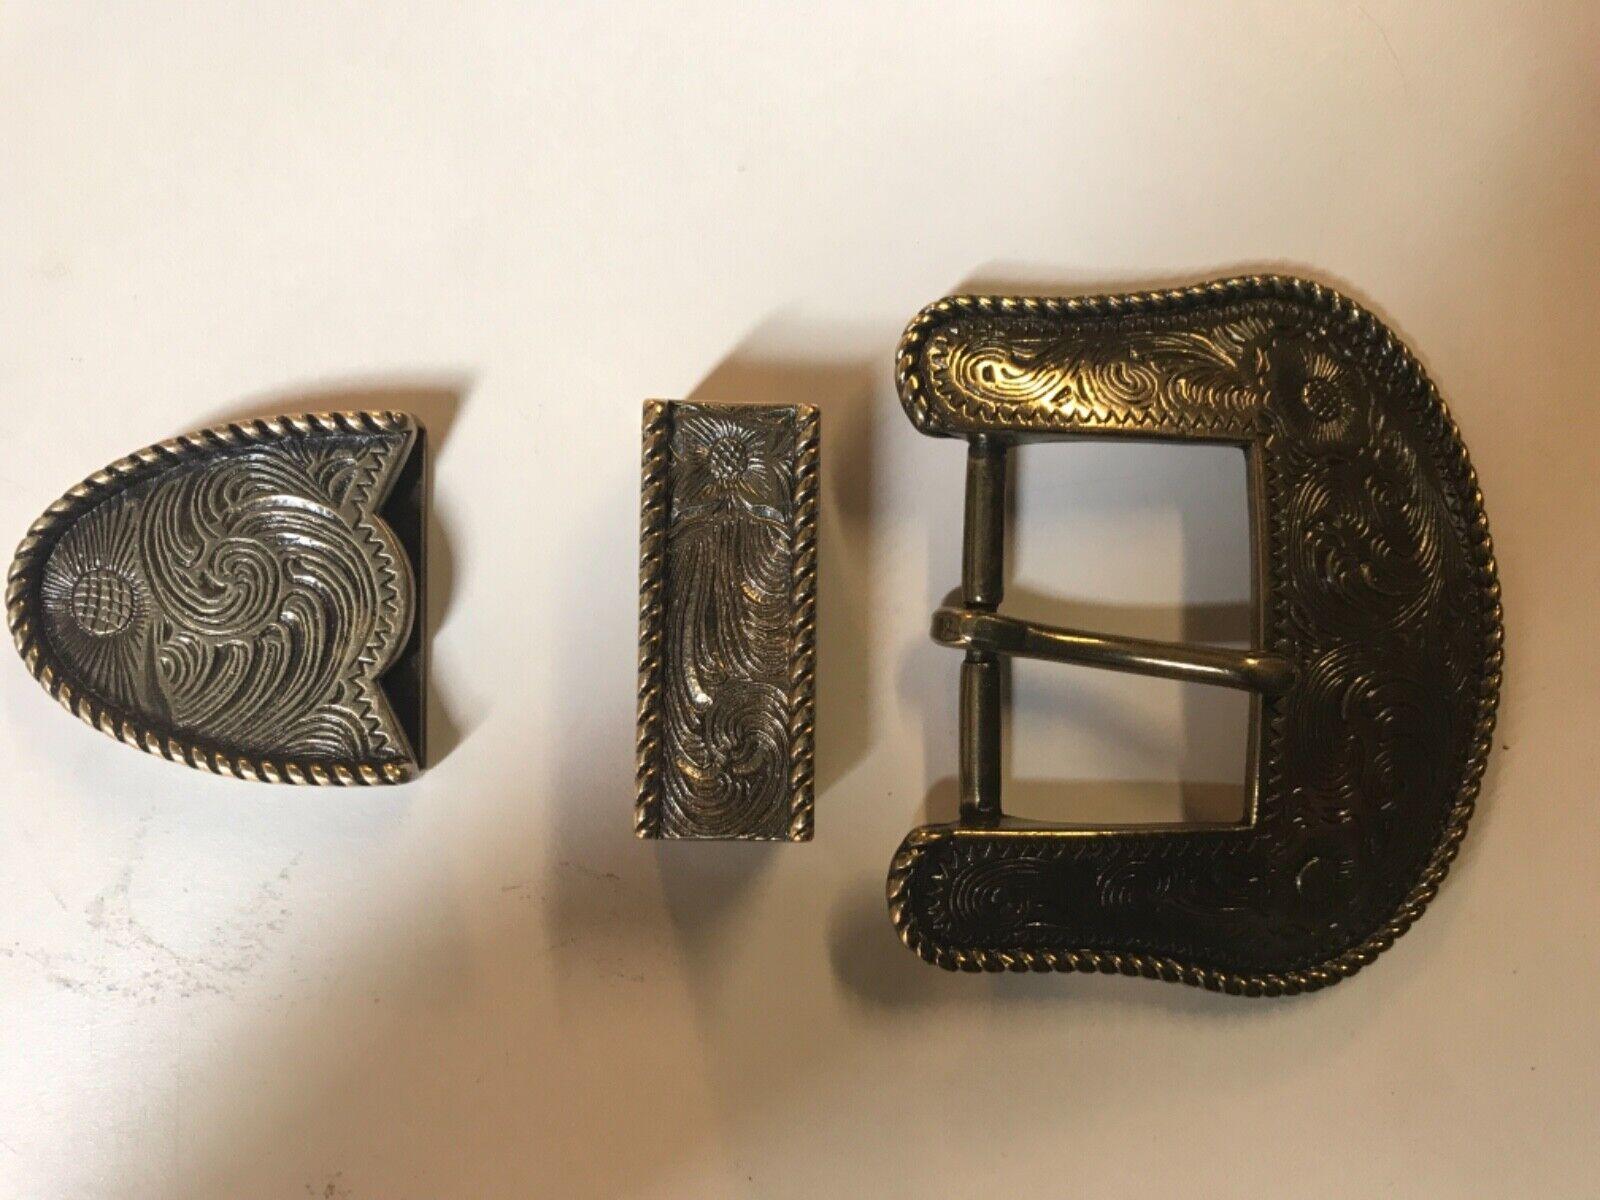 Floral engraved Western 3 piece cowboy,rodeo belt buckle set.antique brass plait